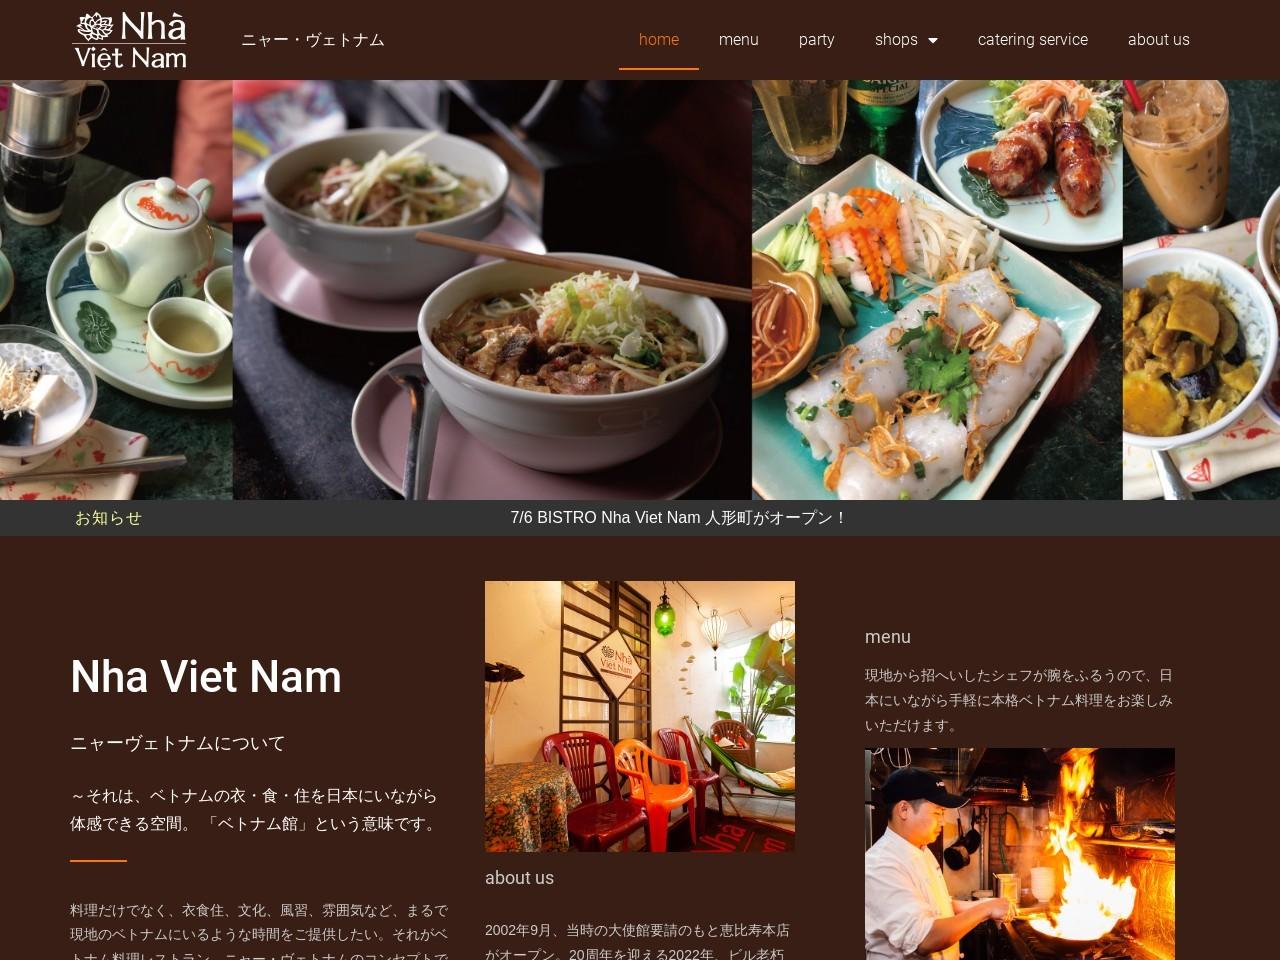 ニャーヴェトナム恵比寿店